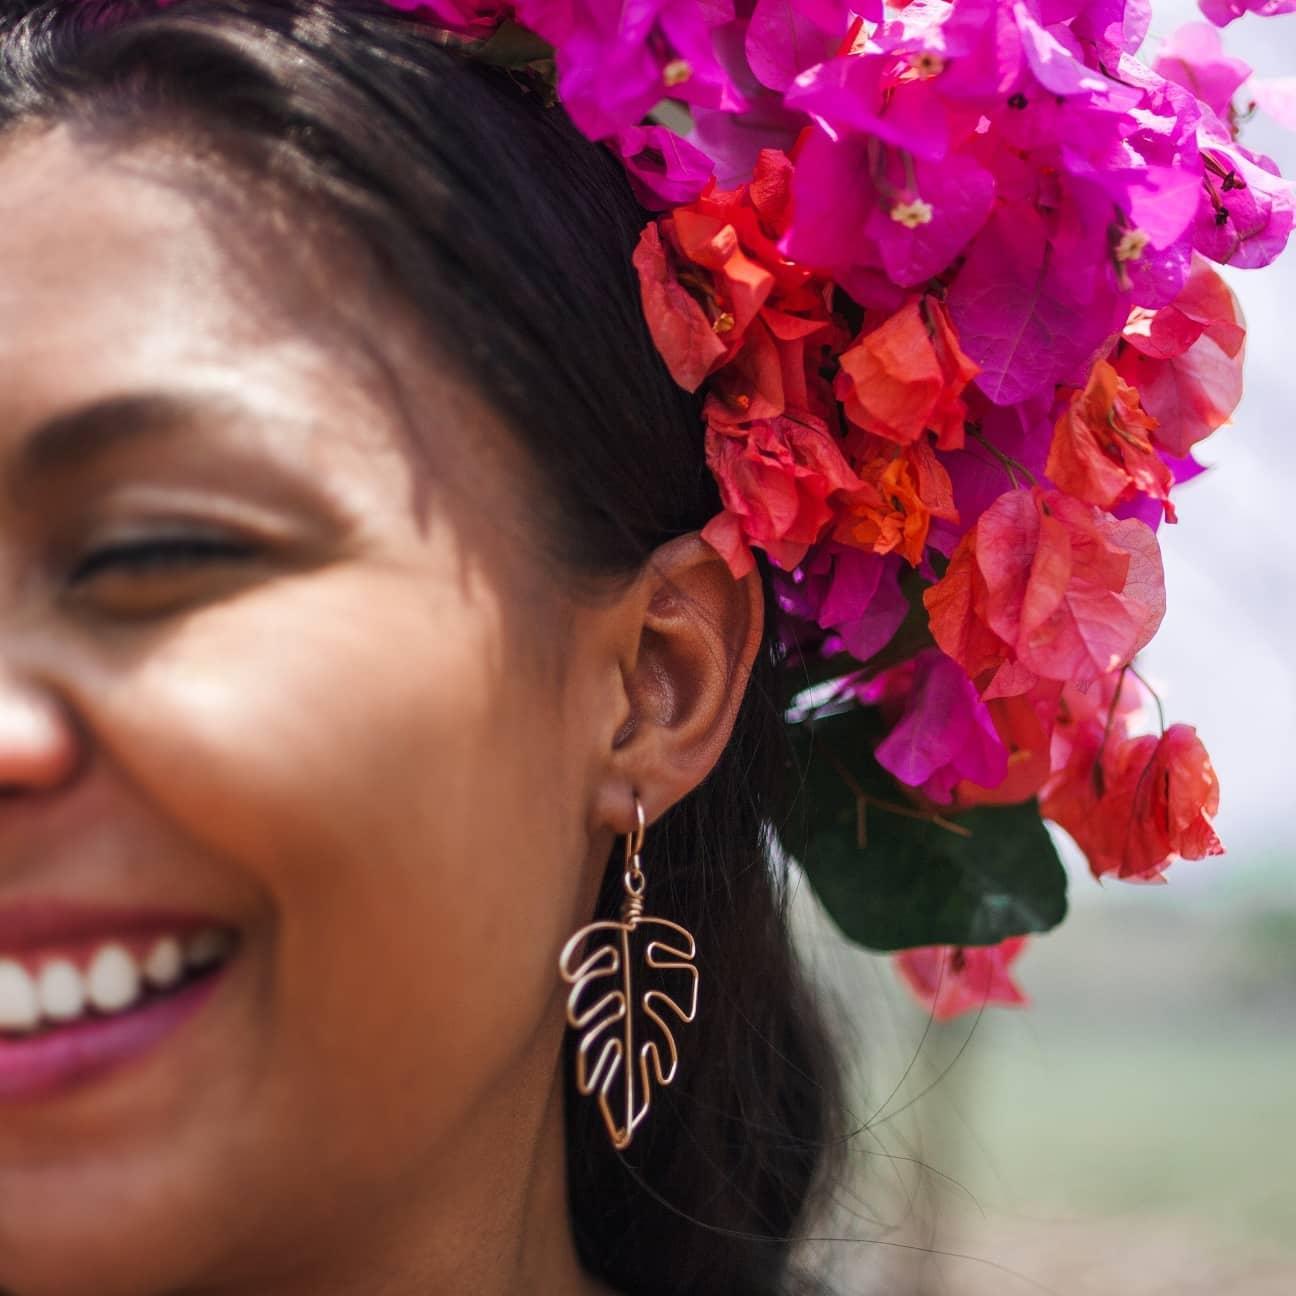 Kaj Expressions belize jewelry